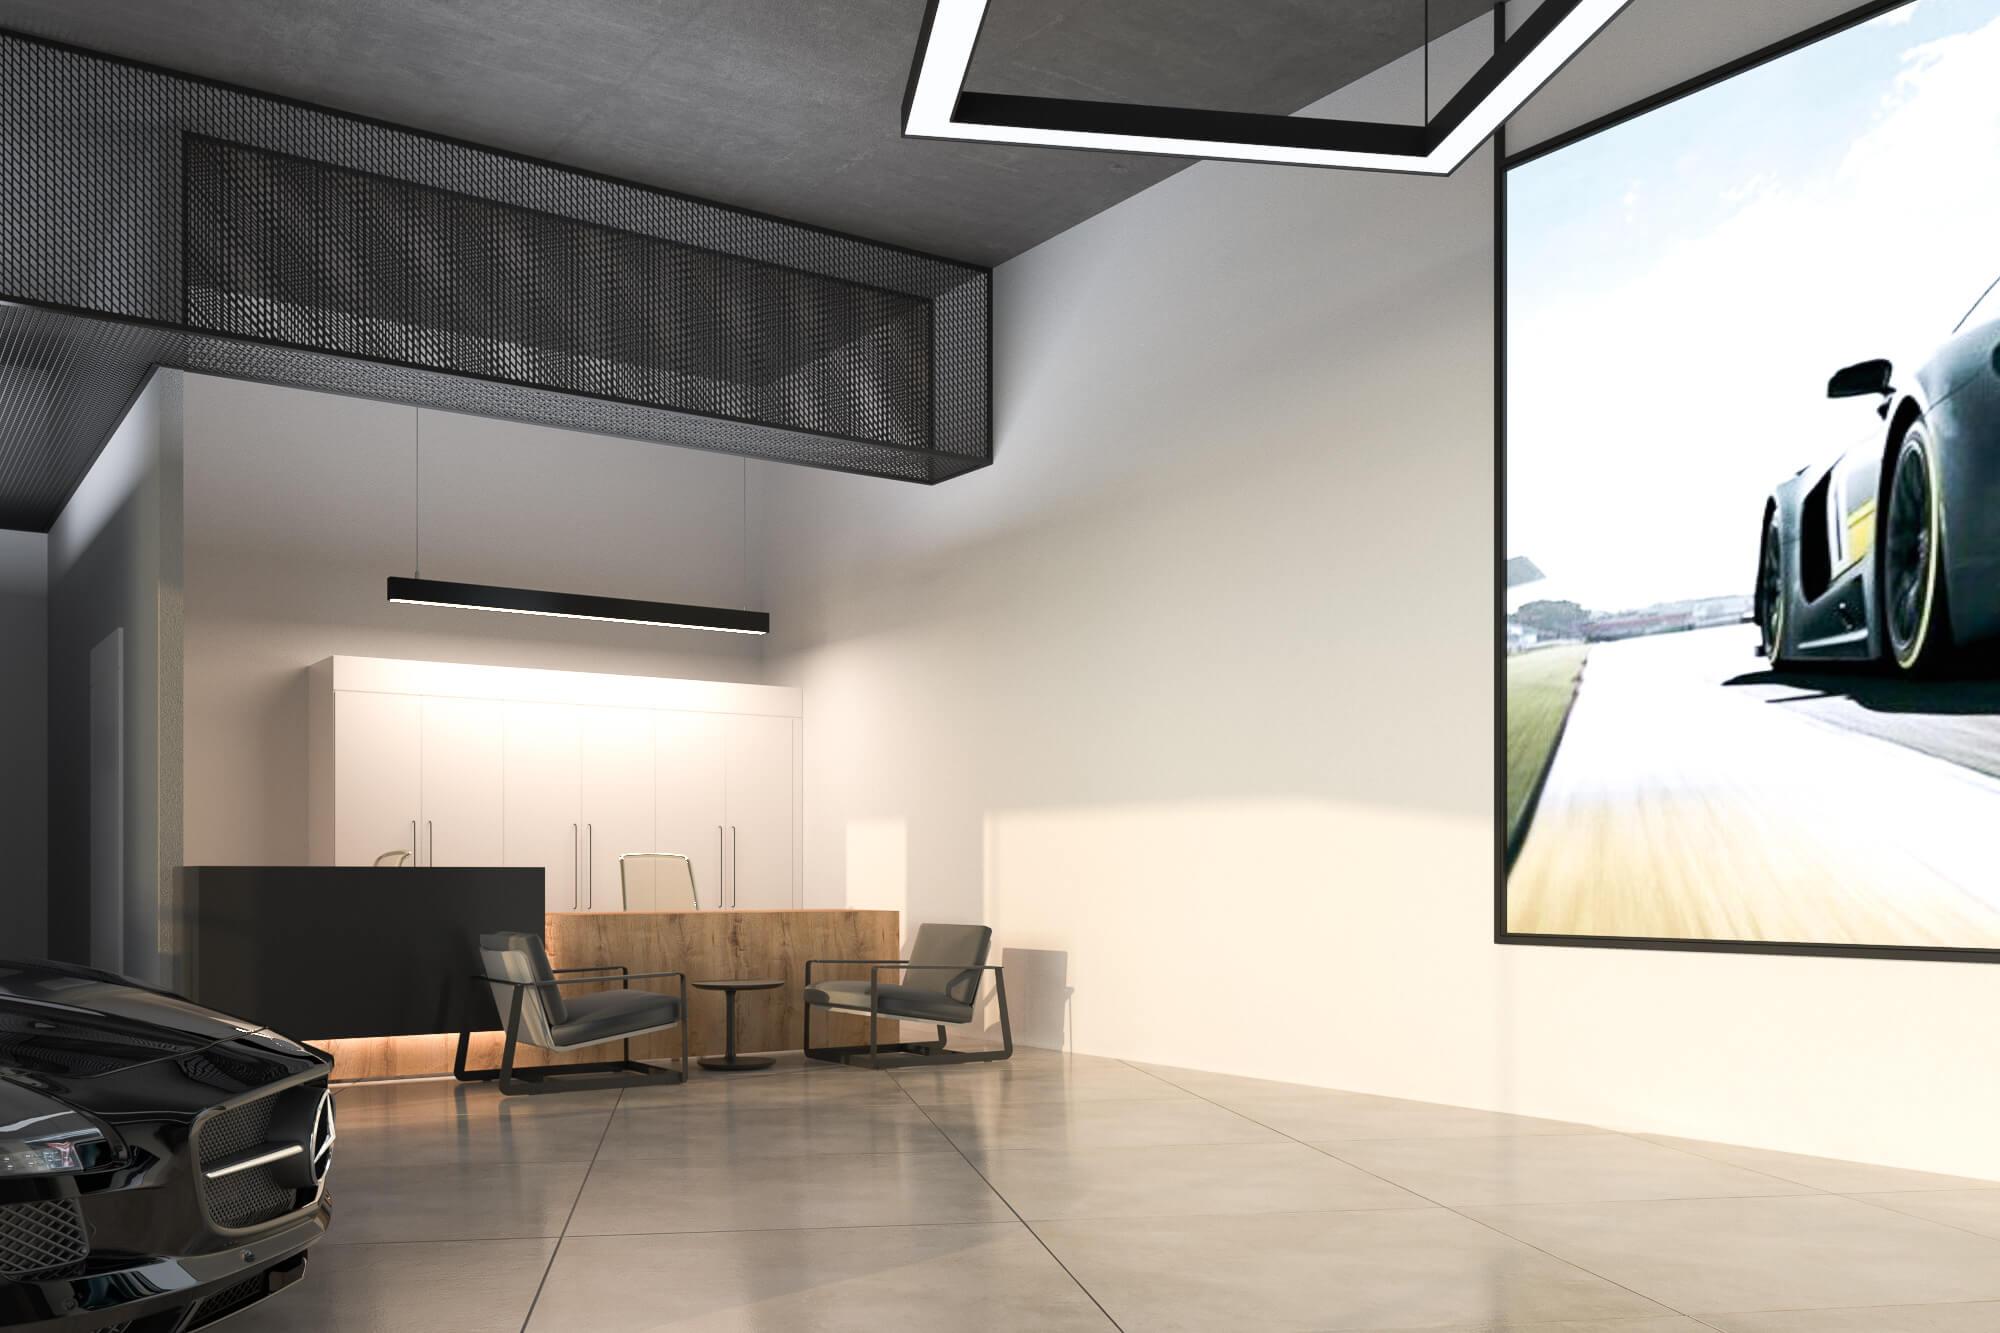 MOTUS Autocenter - Sicht auf Schreibtisch von Kundenbartung